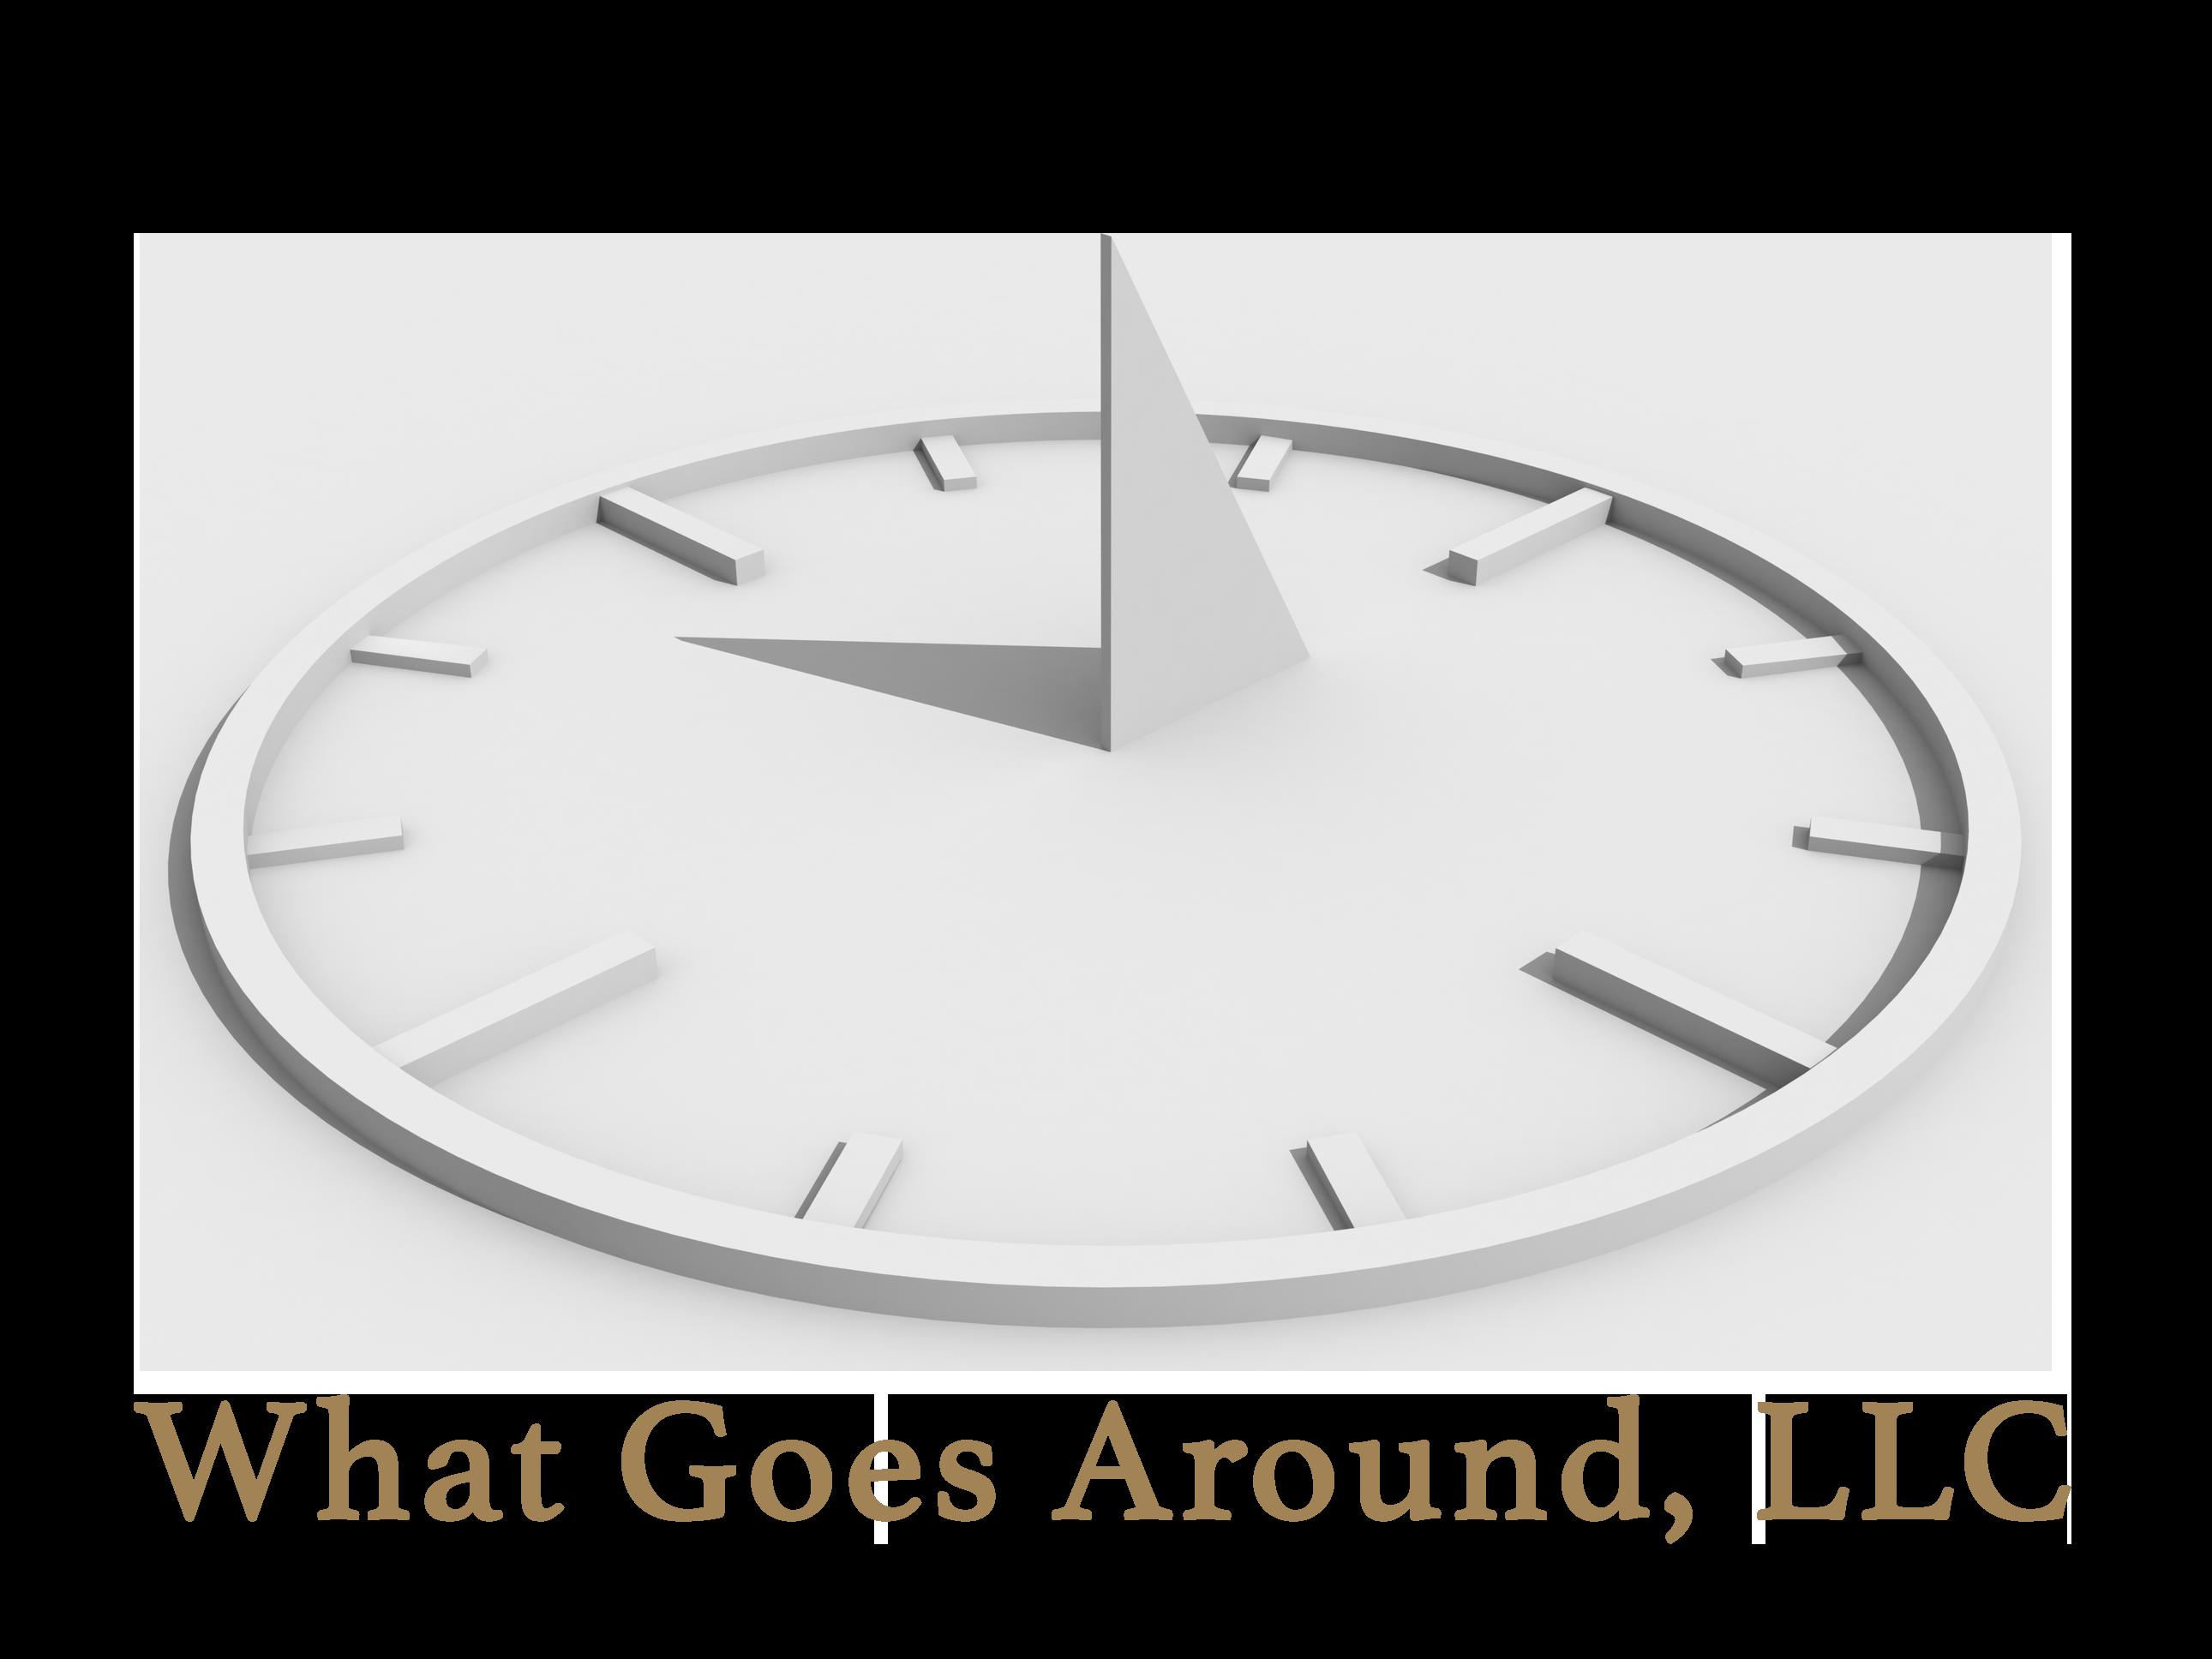 What Goes Around LLC